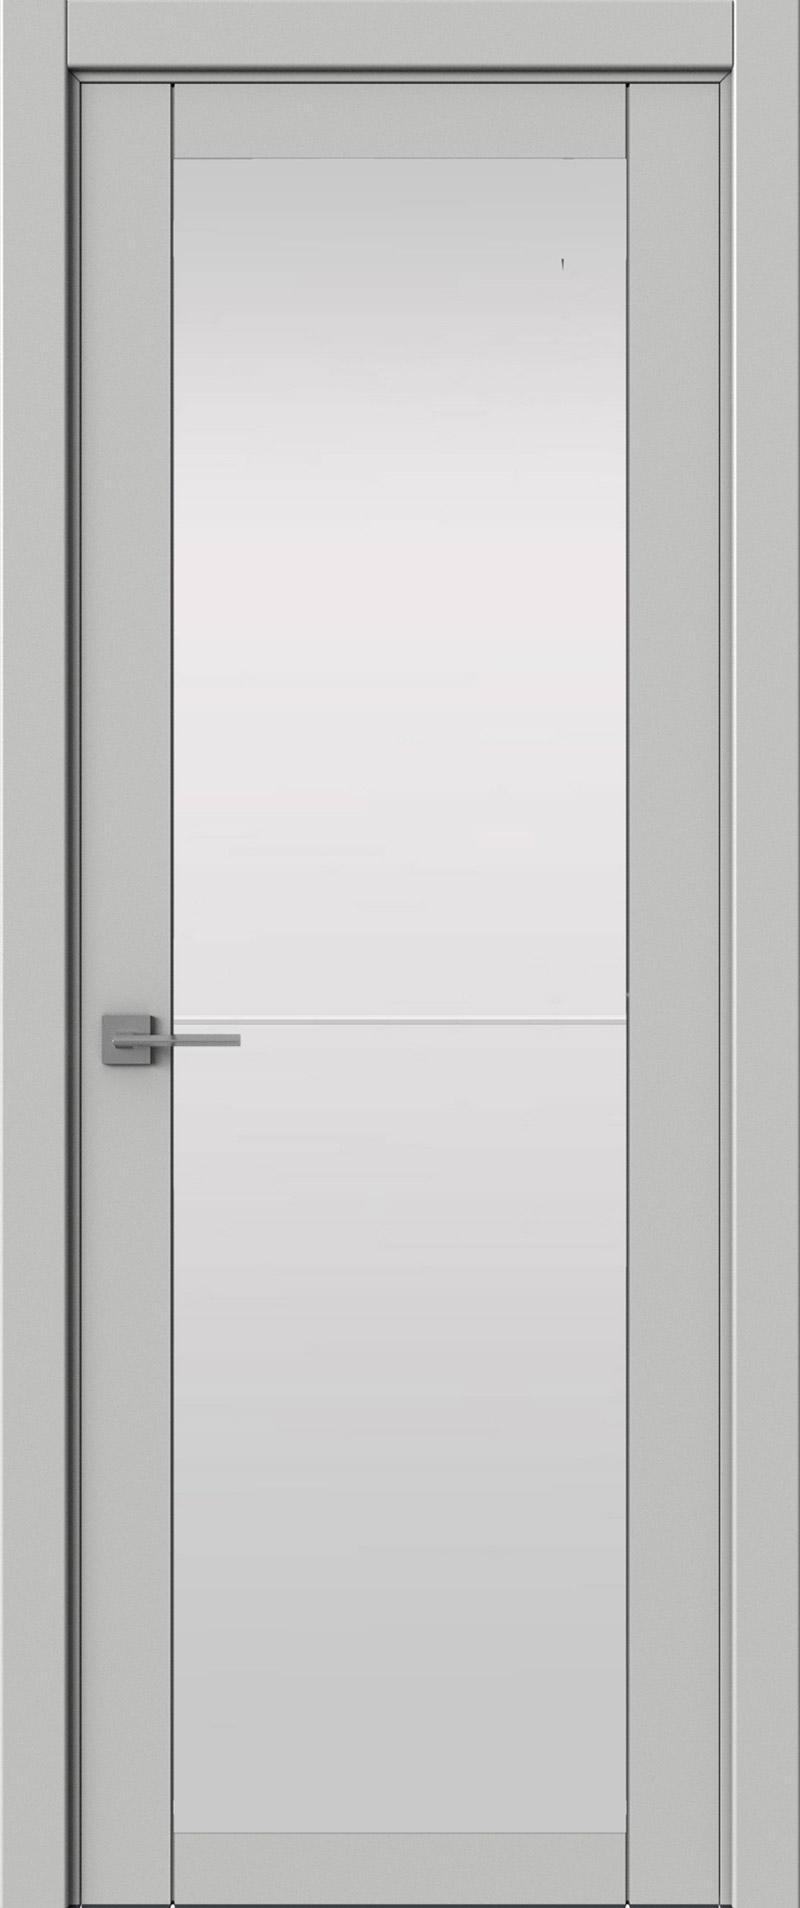 Tivoli З-2 цвет - Серая эмаль (RAL 7047) Со стеклом (ДО)